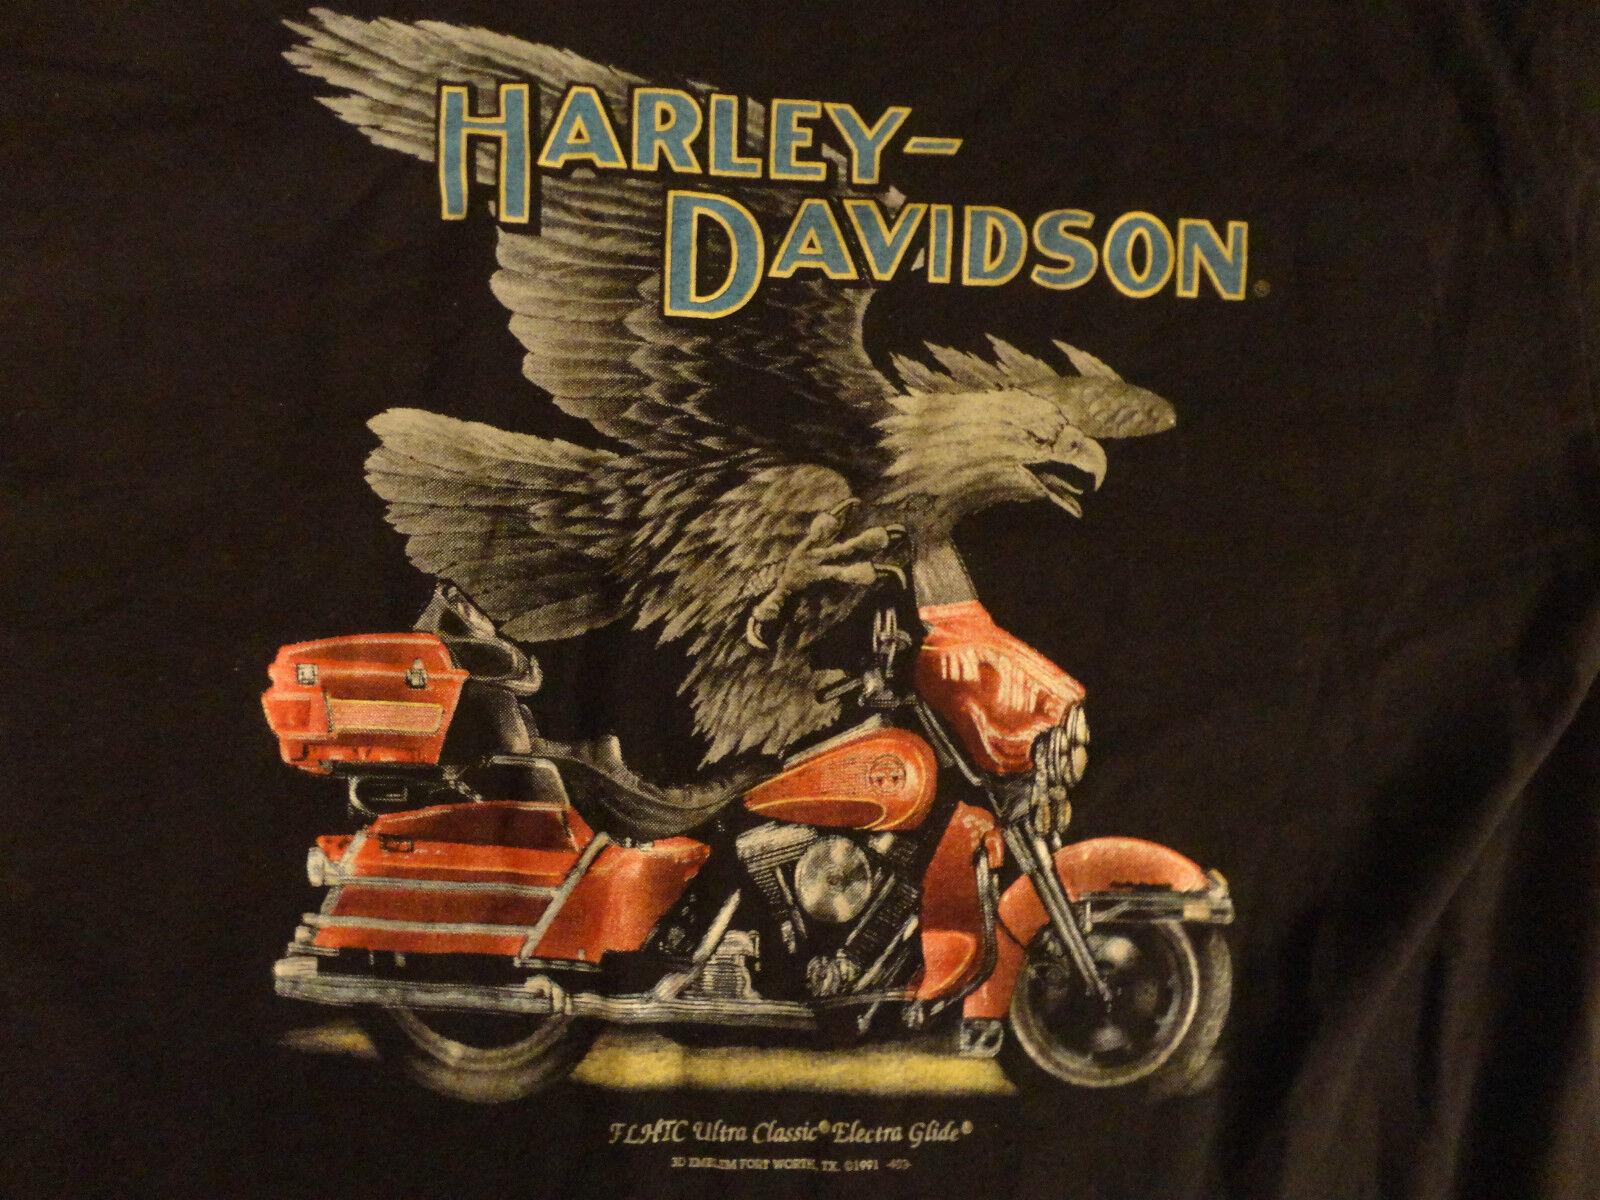 VINTAGE HARLEY DAVIDSON ORIGINAL 1991 EAGLE FT WORTH TX 3D EMBLEM RARE T Shirt L